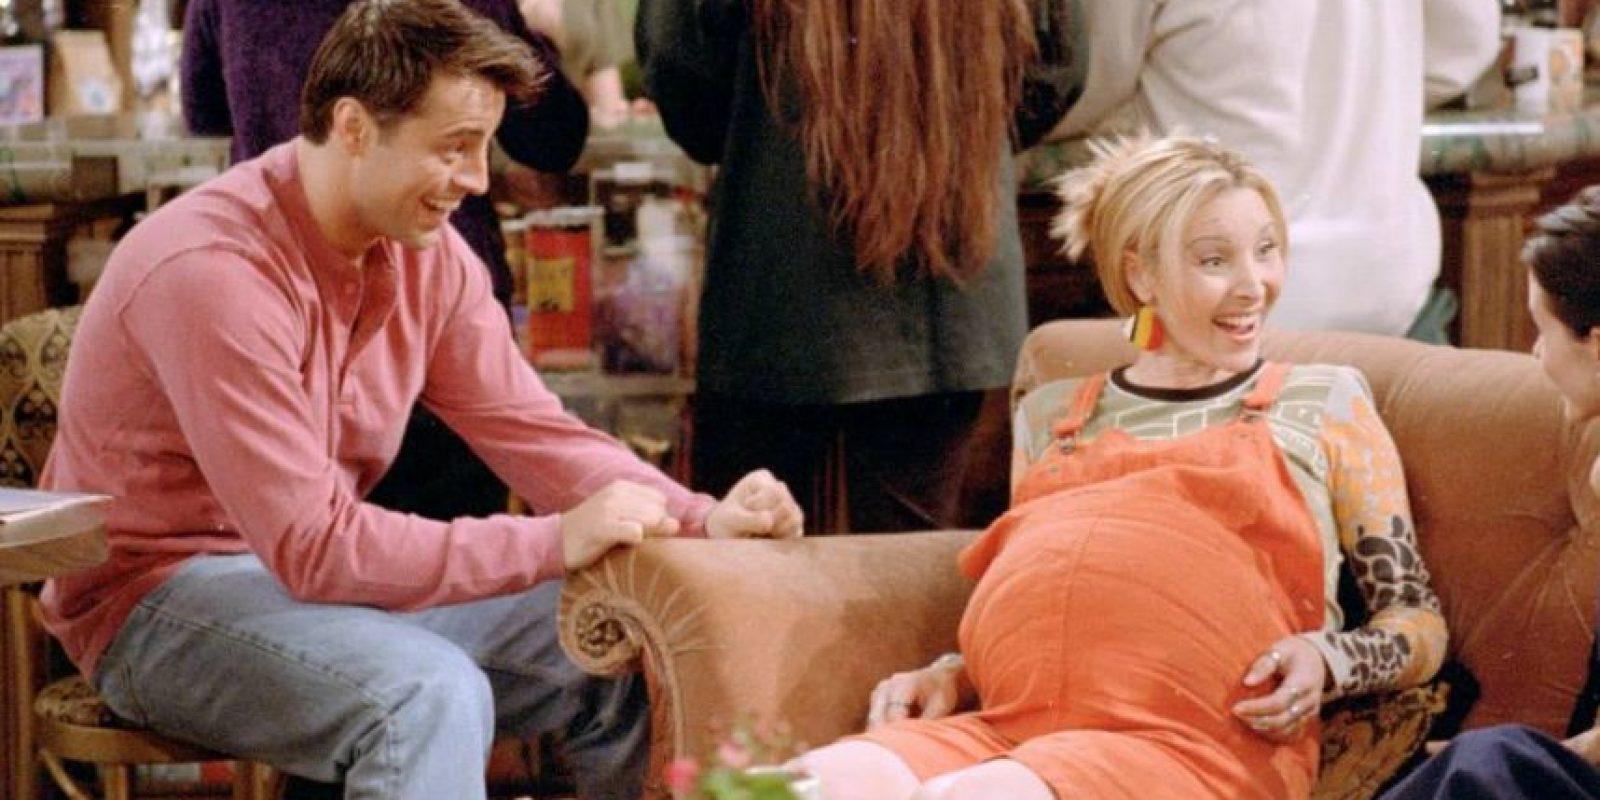 Al final, su embarazo, boda y todo lo que vivió con sus amigos se convierte en una ilusión. Foto:vía facebook.com/friends.tv